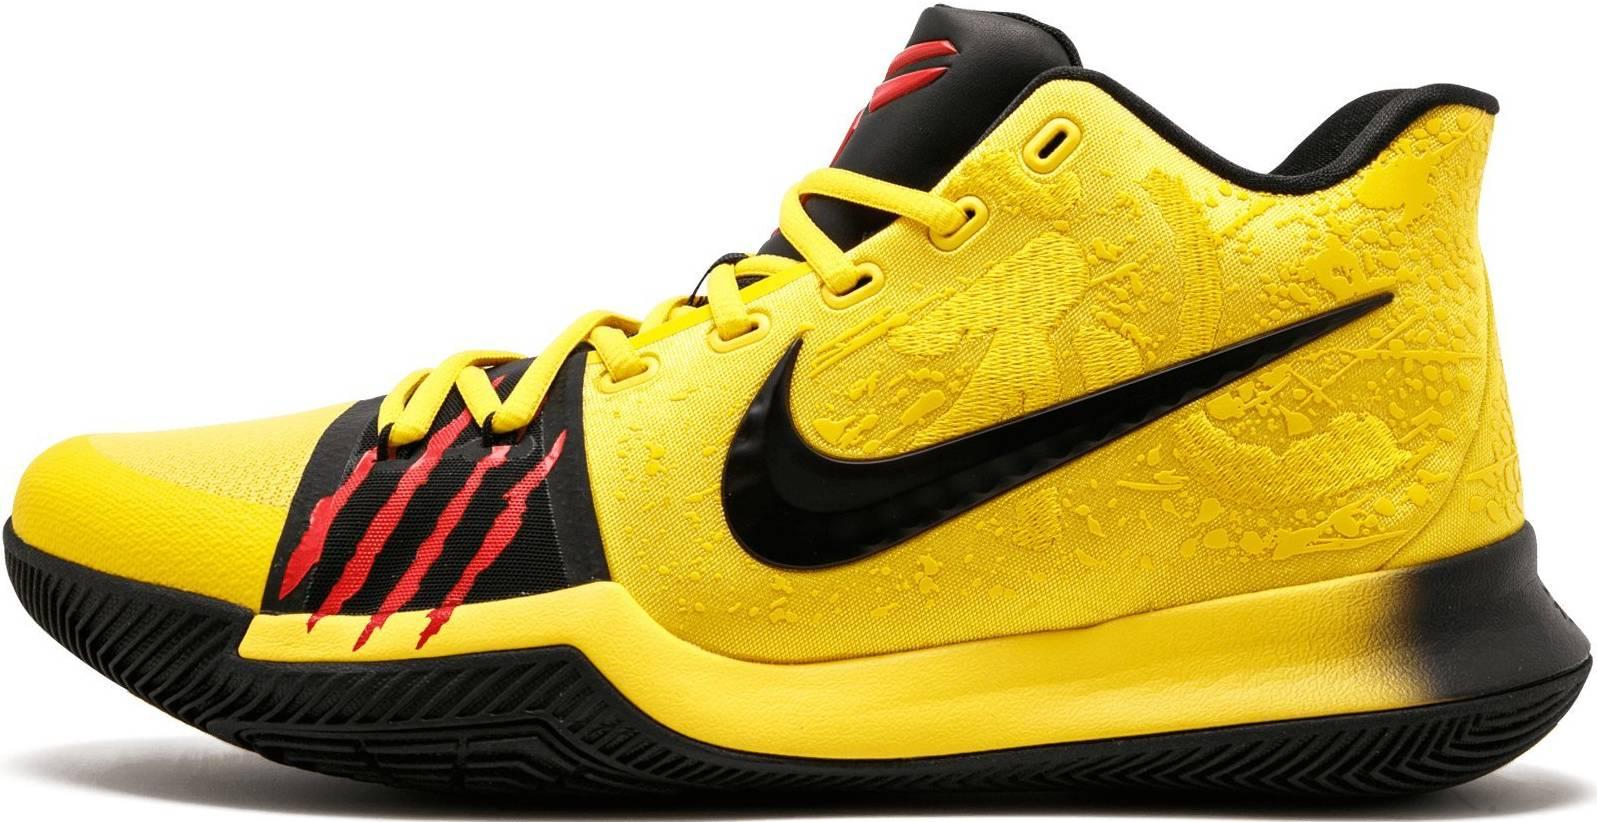 Save 25% on Yellow Basketball Shoes (17